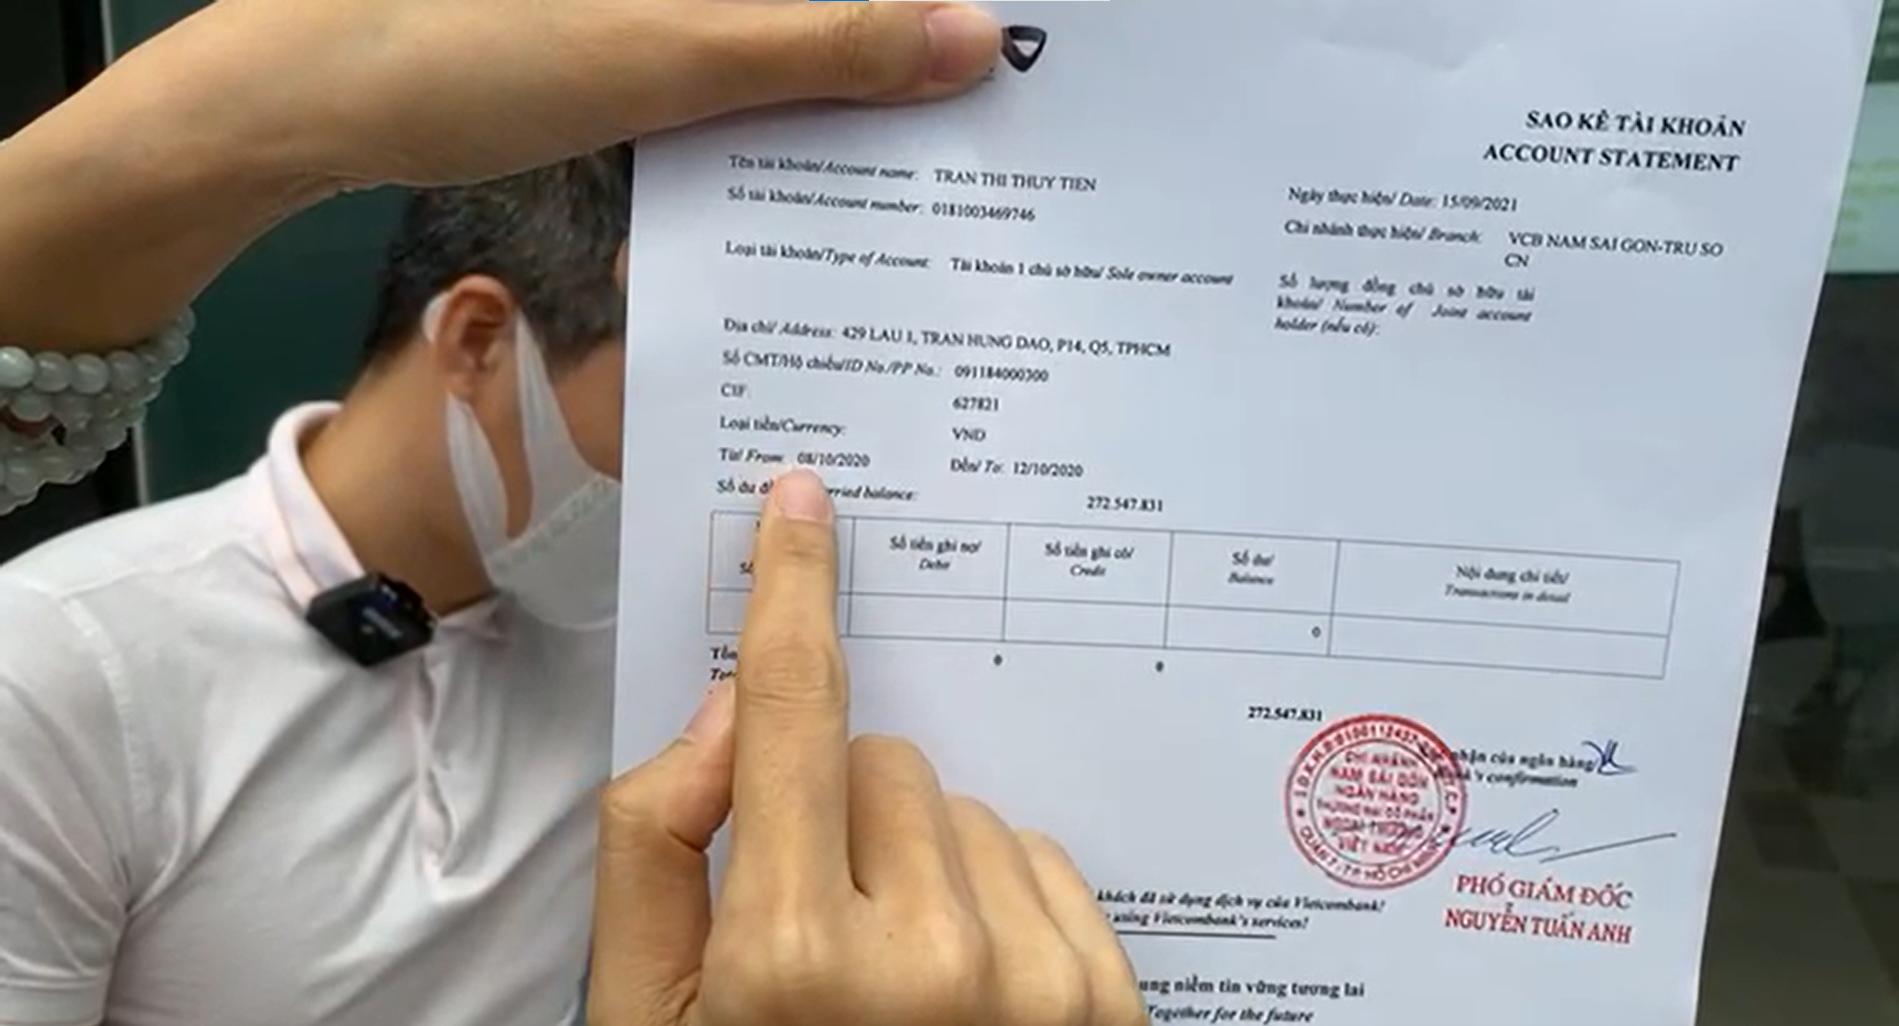 Công Vinh - Thủy Tiên livestream công bố 18.000 trang sao kê 177 tỷ đồng quyên góp ủng hộ đồng bào miền Trung - Ảnh 1.